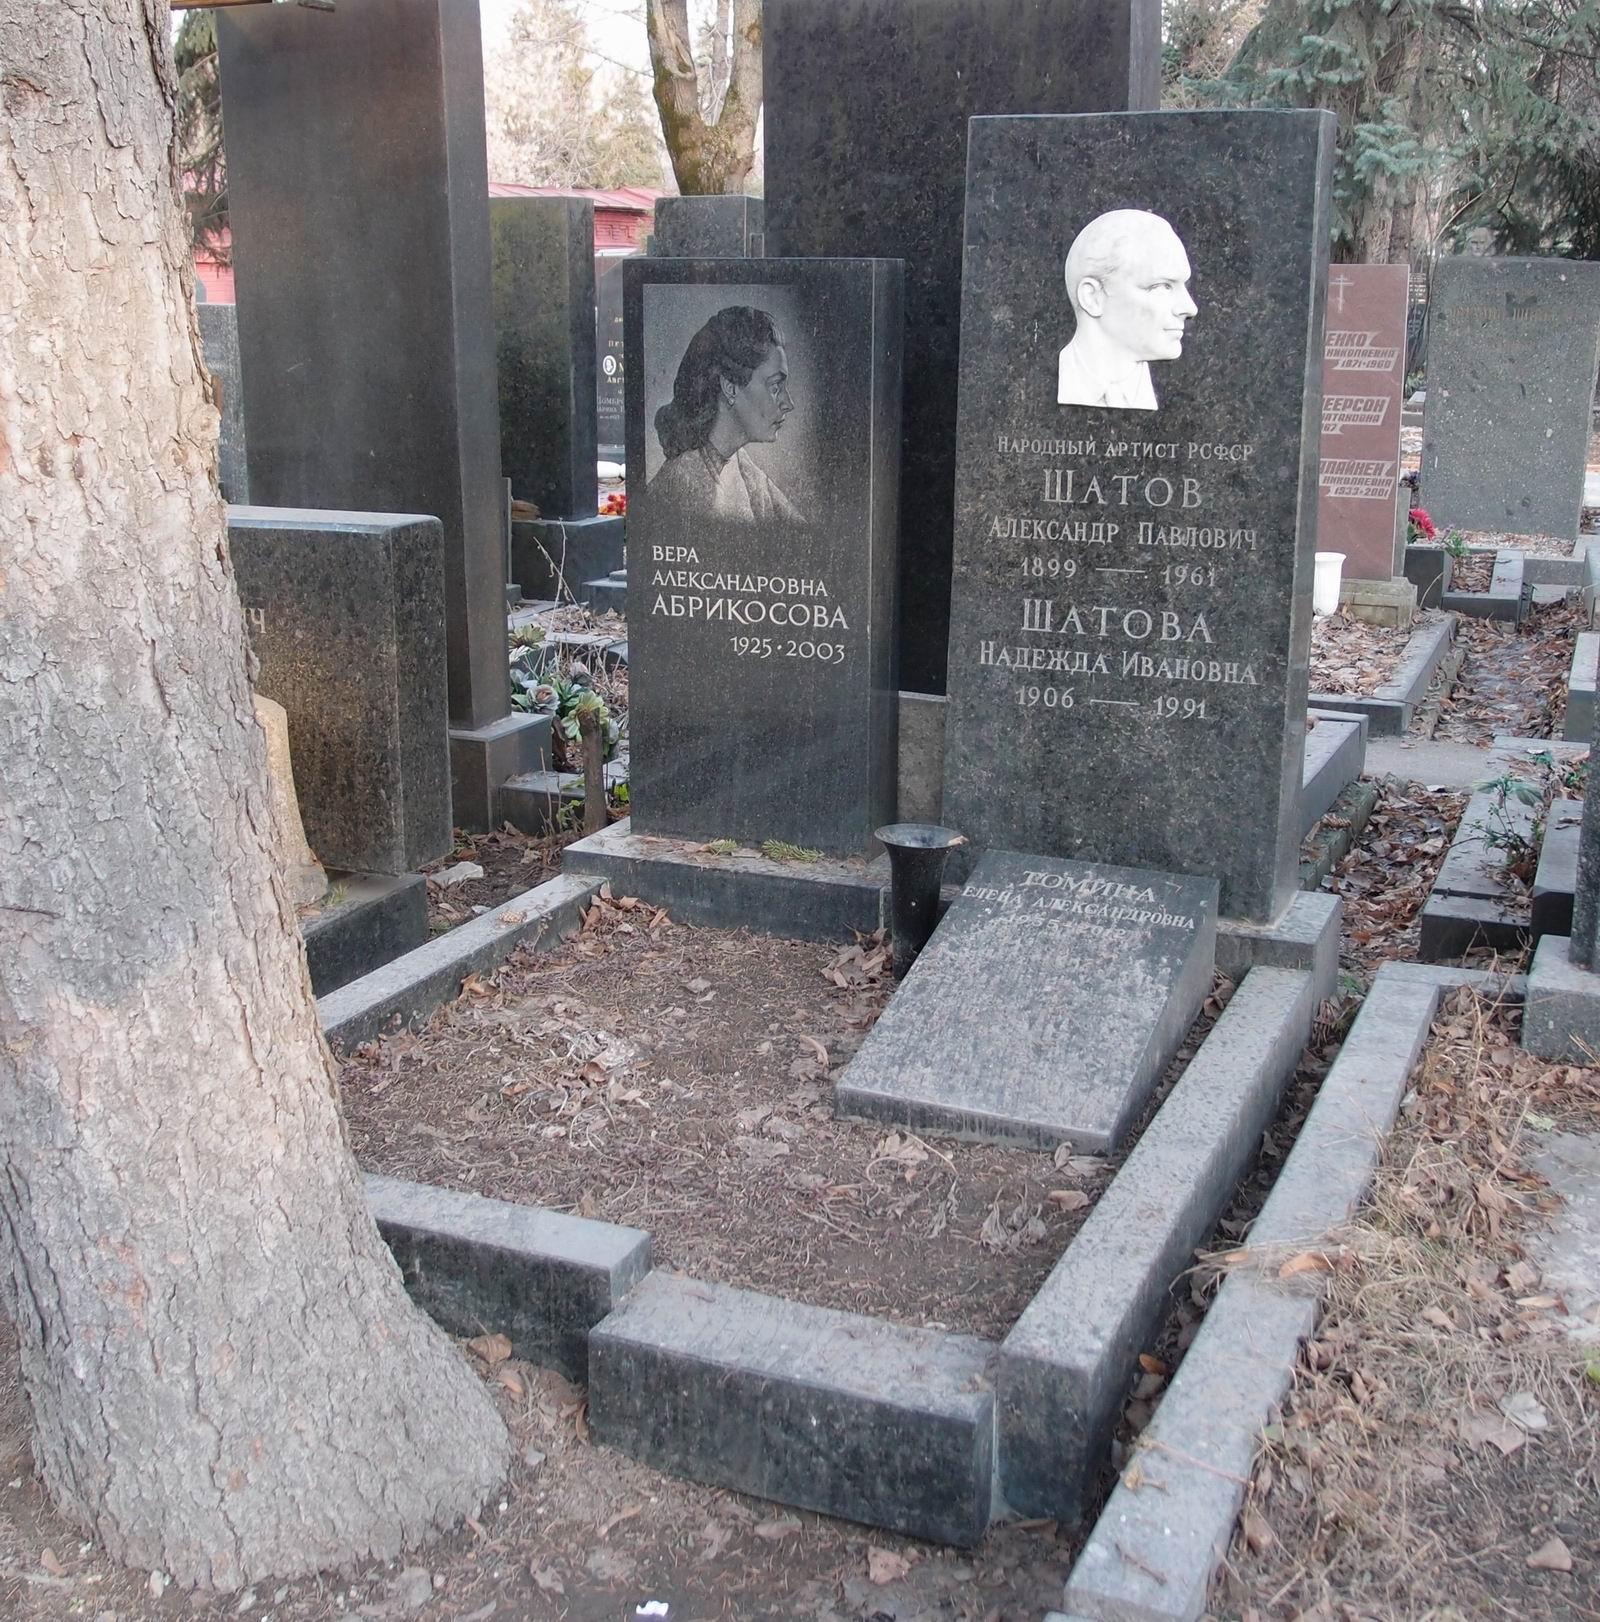 Могила А. П. Шатова на Новодевичьем кладбище в Москве